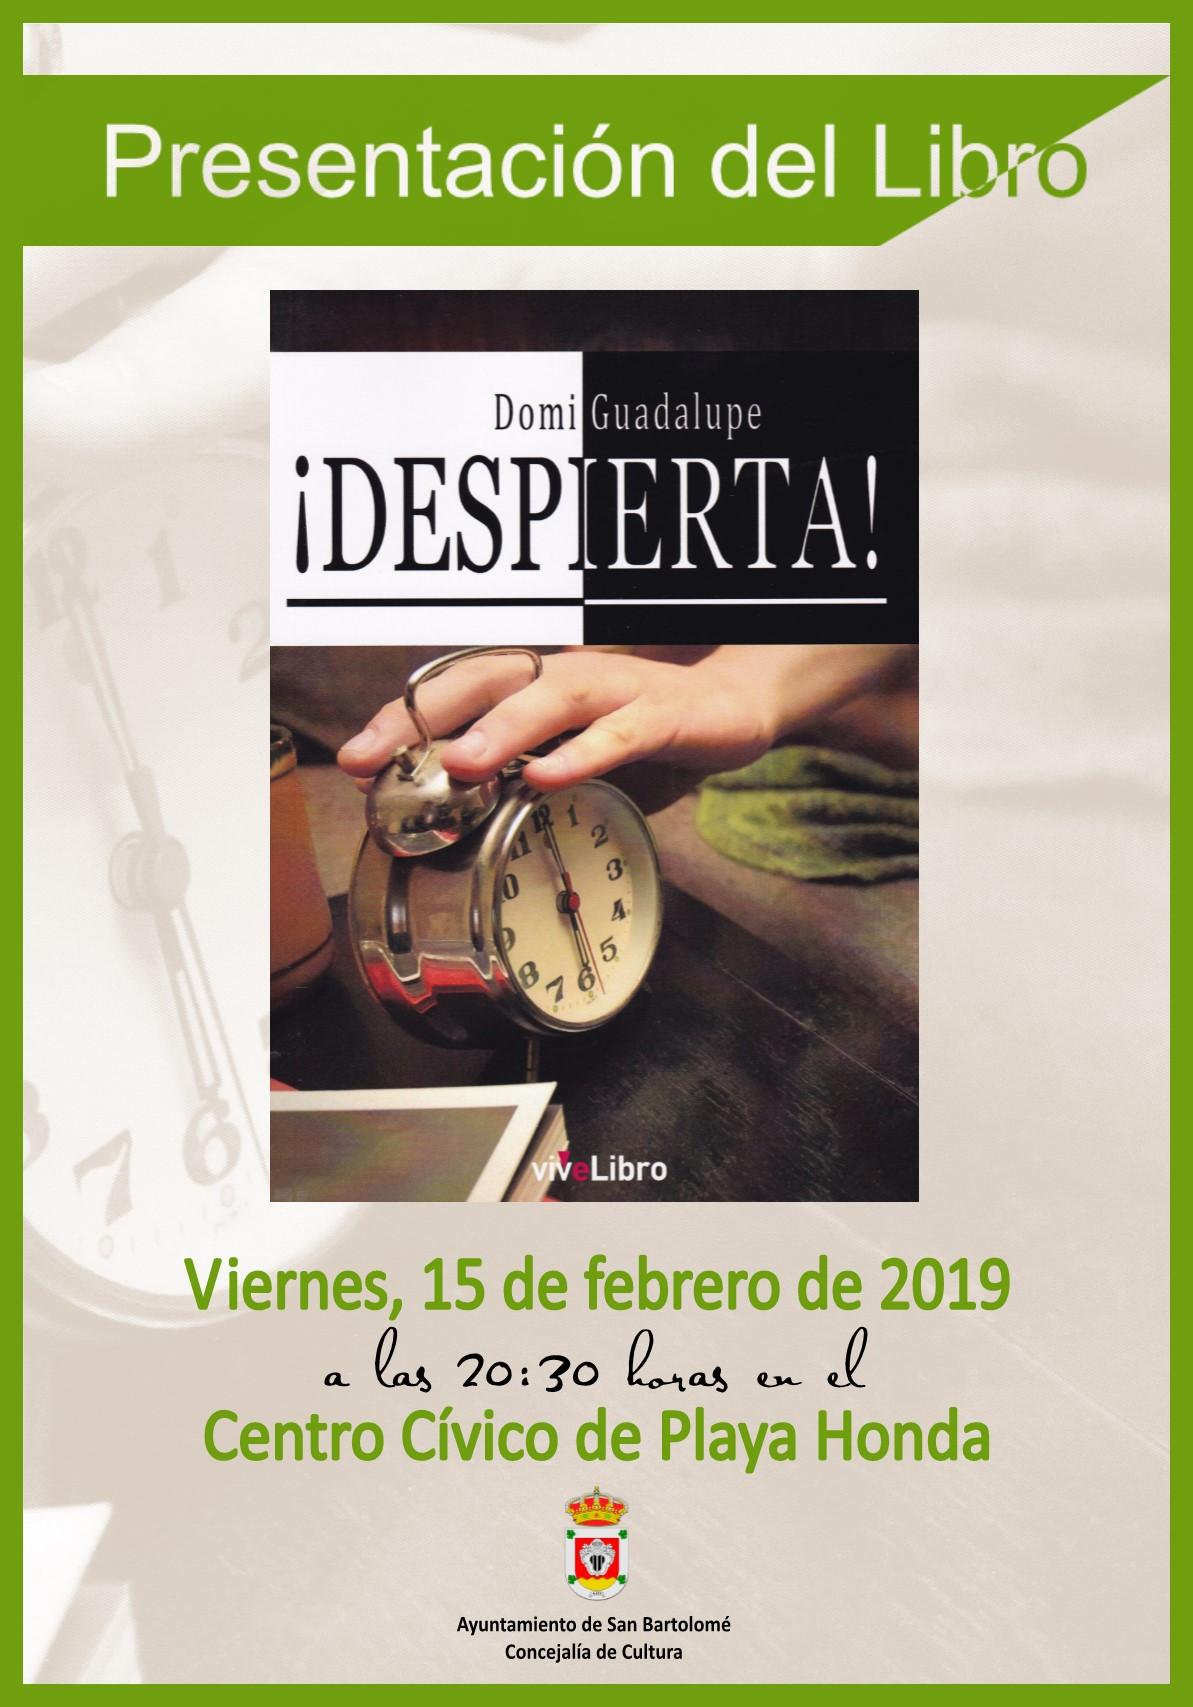 Presentación de la novela ¡Despierta! de Domi Guadalupe en el Centro Cívico de Playa Honda el viernes 15 de febrero